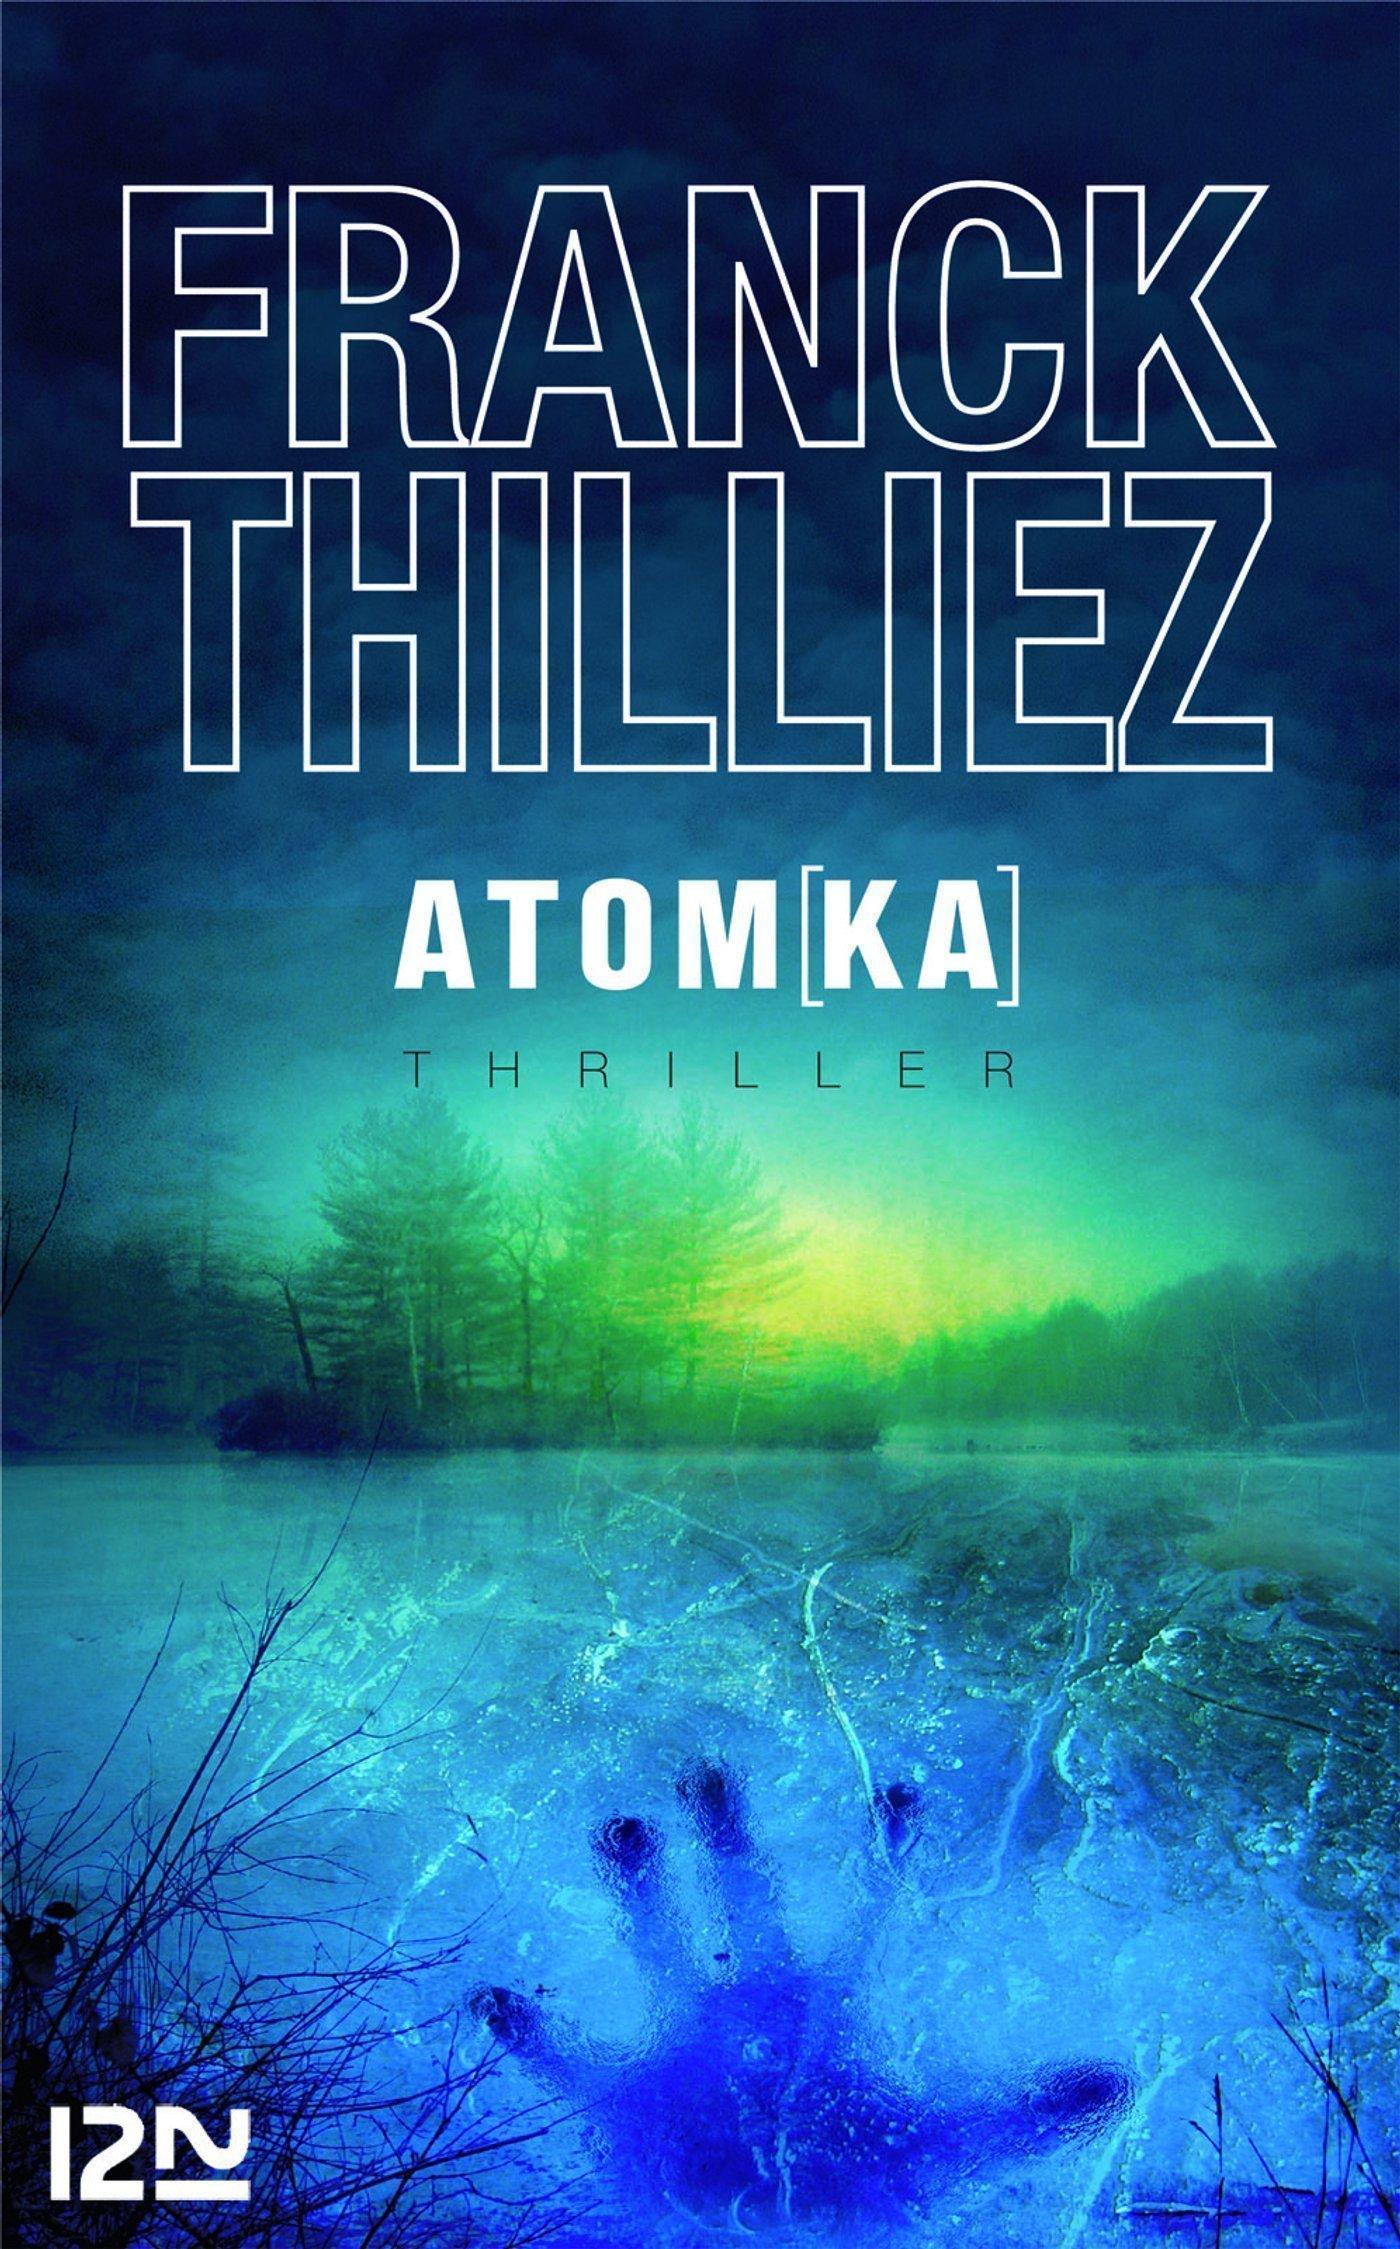 Atomka | THILLIEZ, Franck